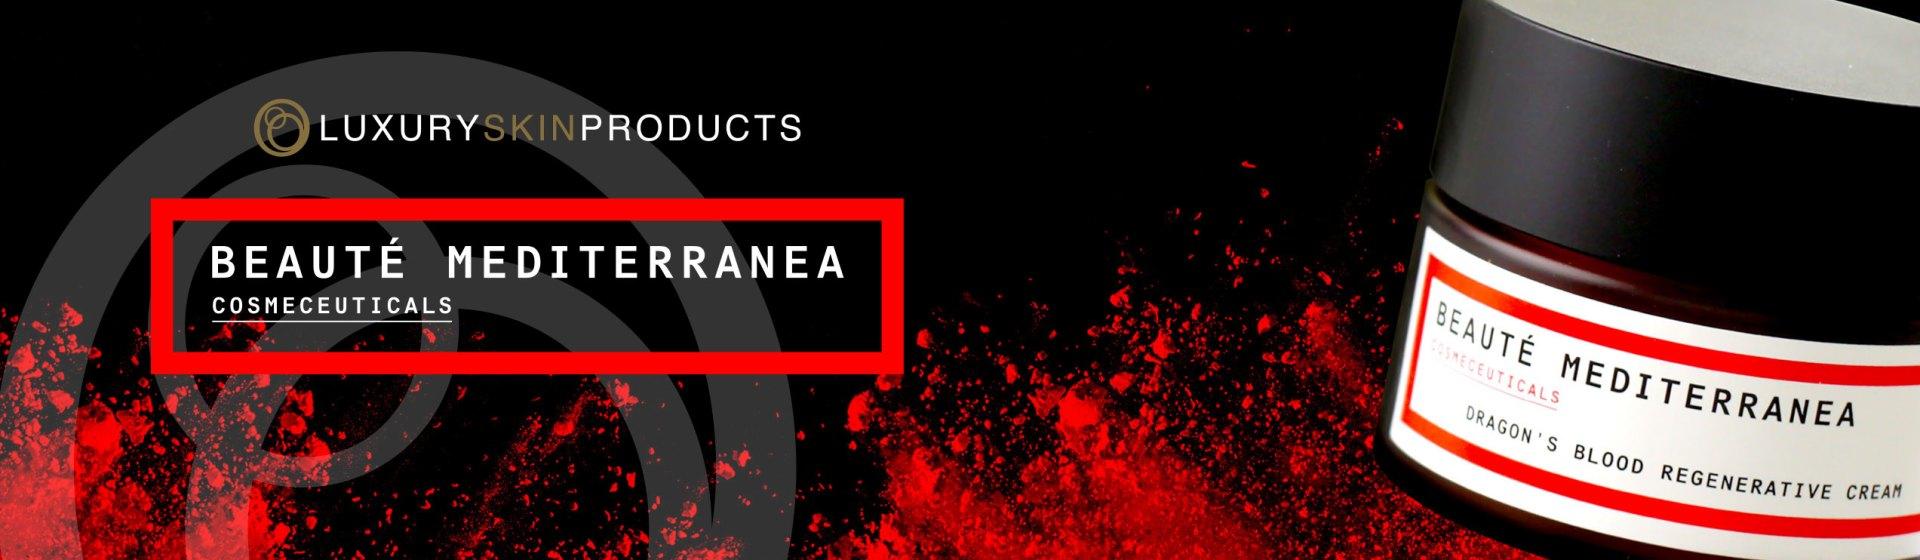 Beauté Mediterranea cosmeceuticals - Luxury skin products